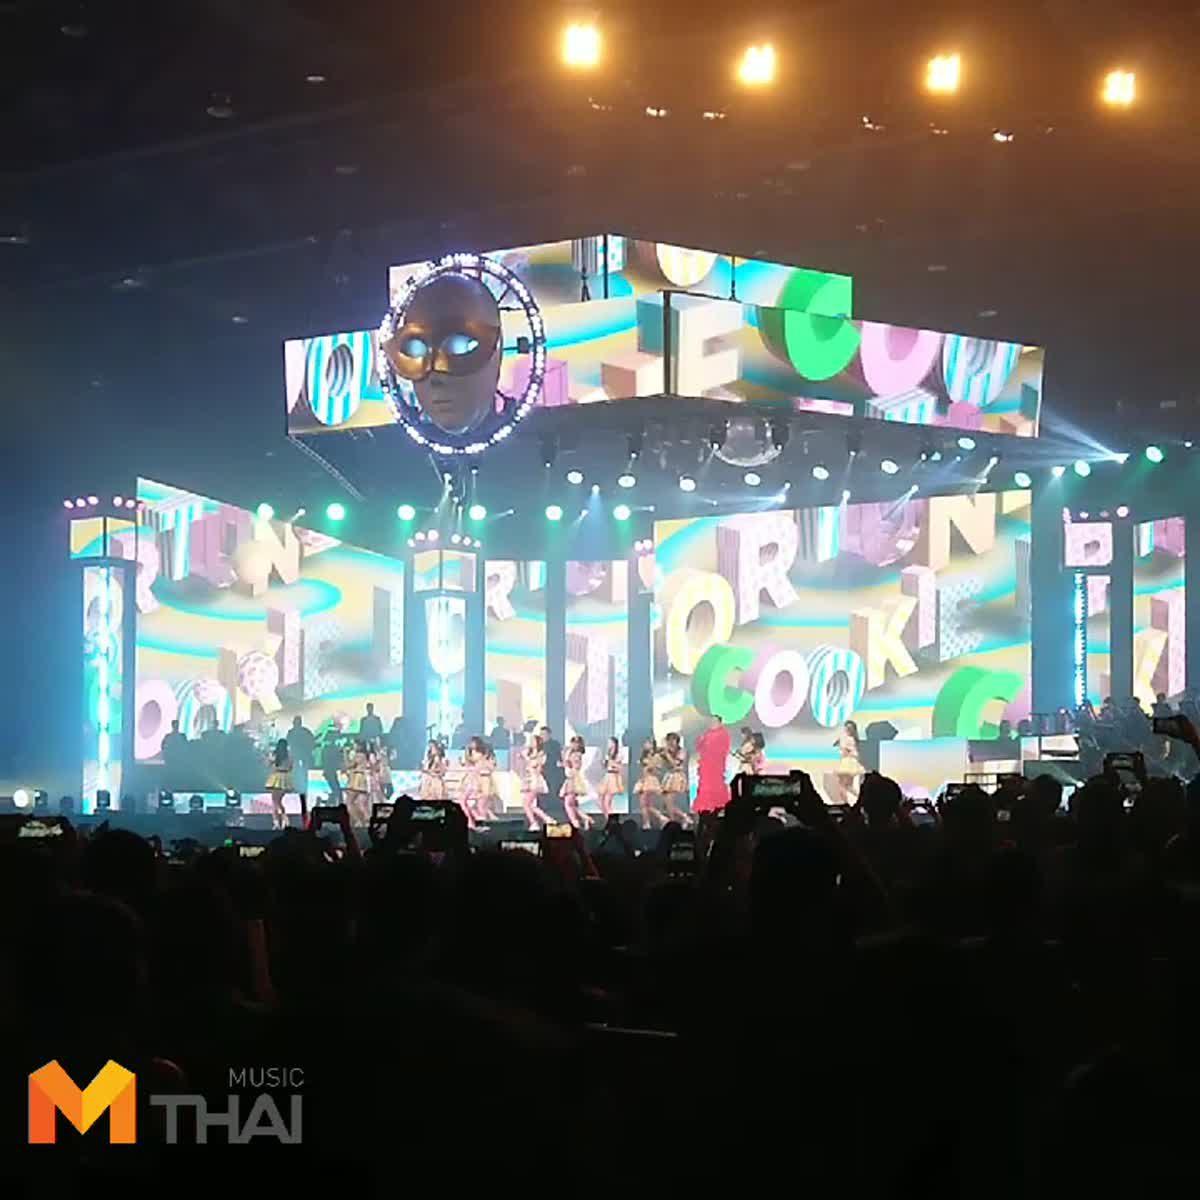 เซอร์ไพร้ส์! หน้ากากอีกาดำ-อีกาแดง เต้นคุกกี้ กับ BNK48 กลางคอนเสิร์ต